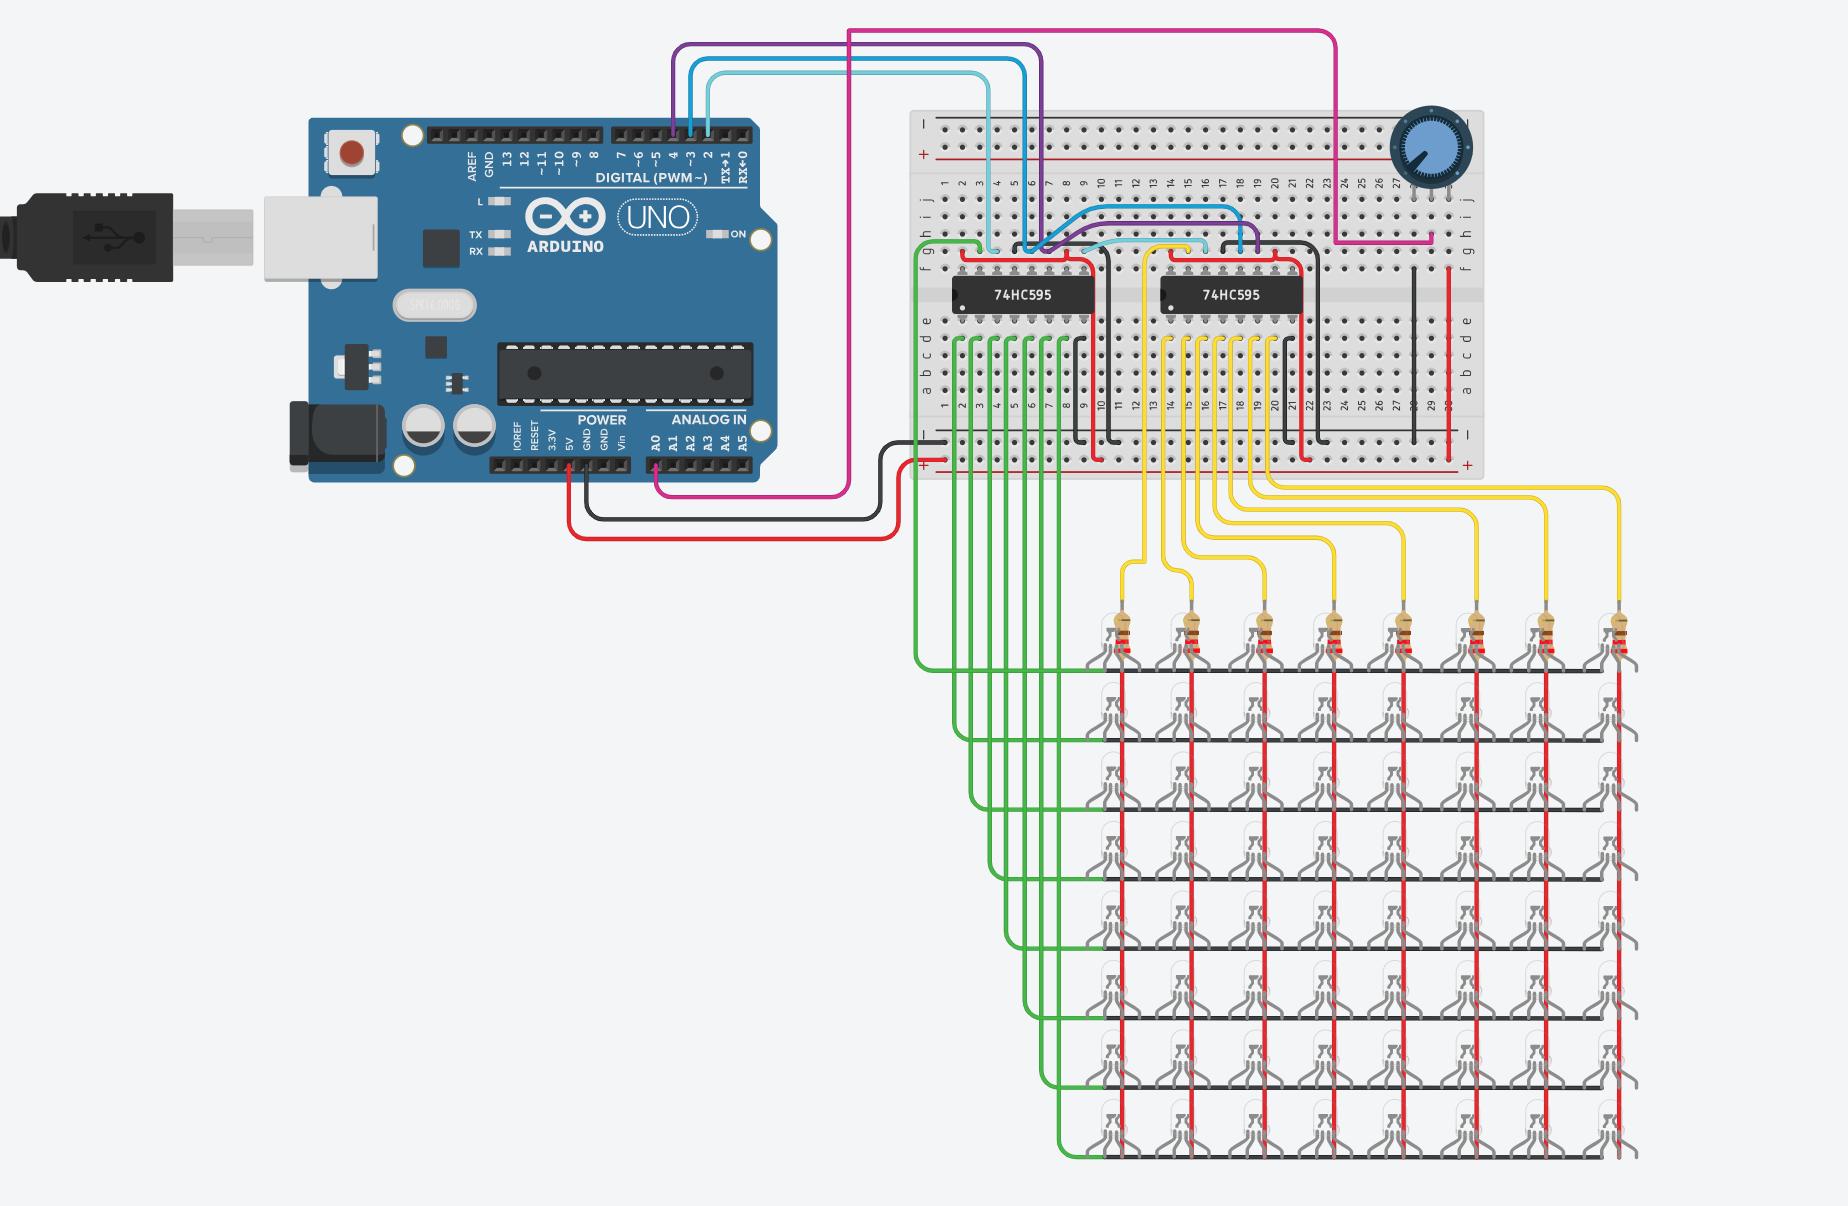 How does this Arduino code? - bug-code com Q&A